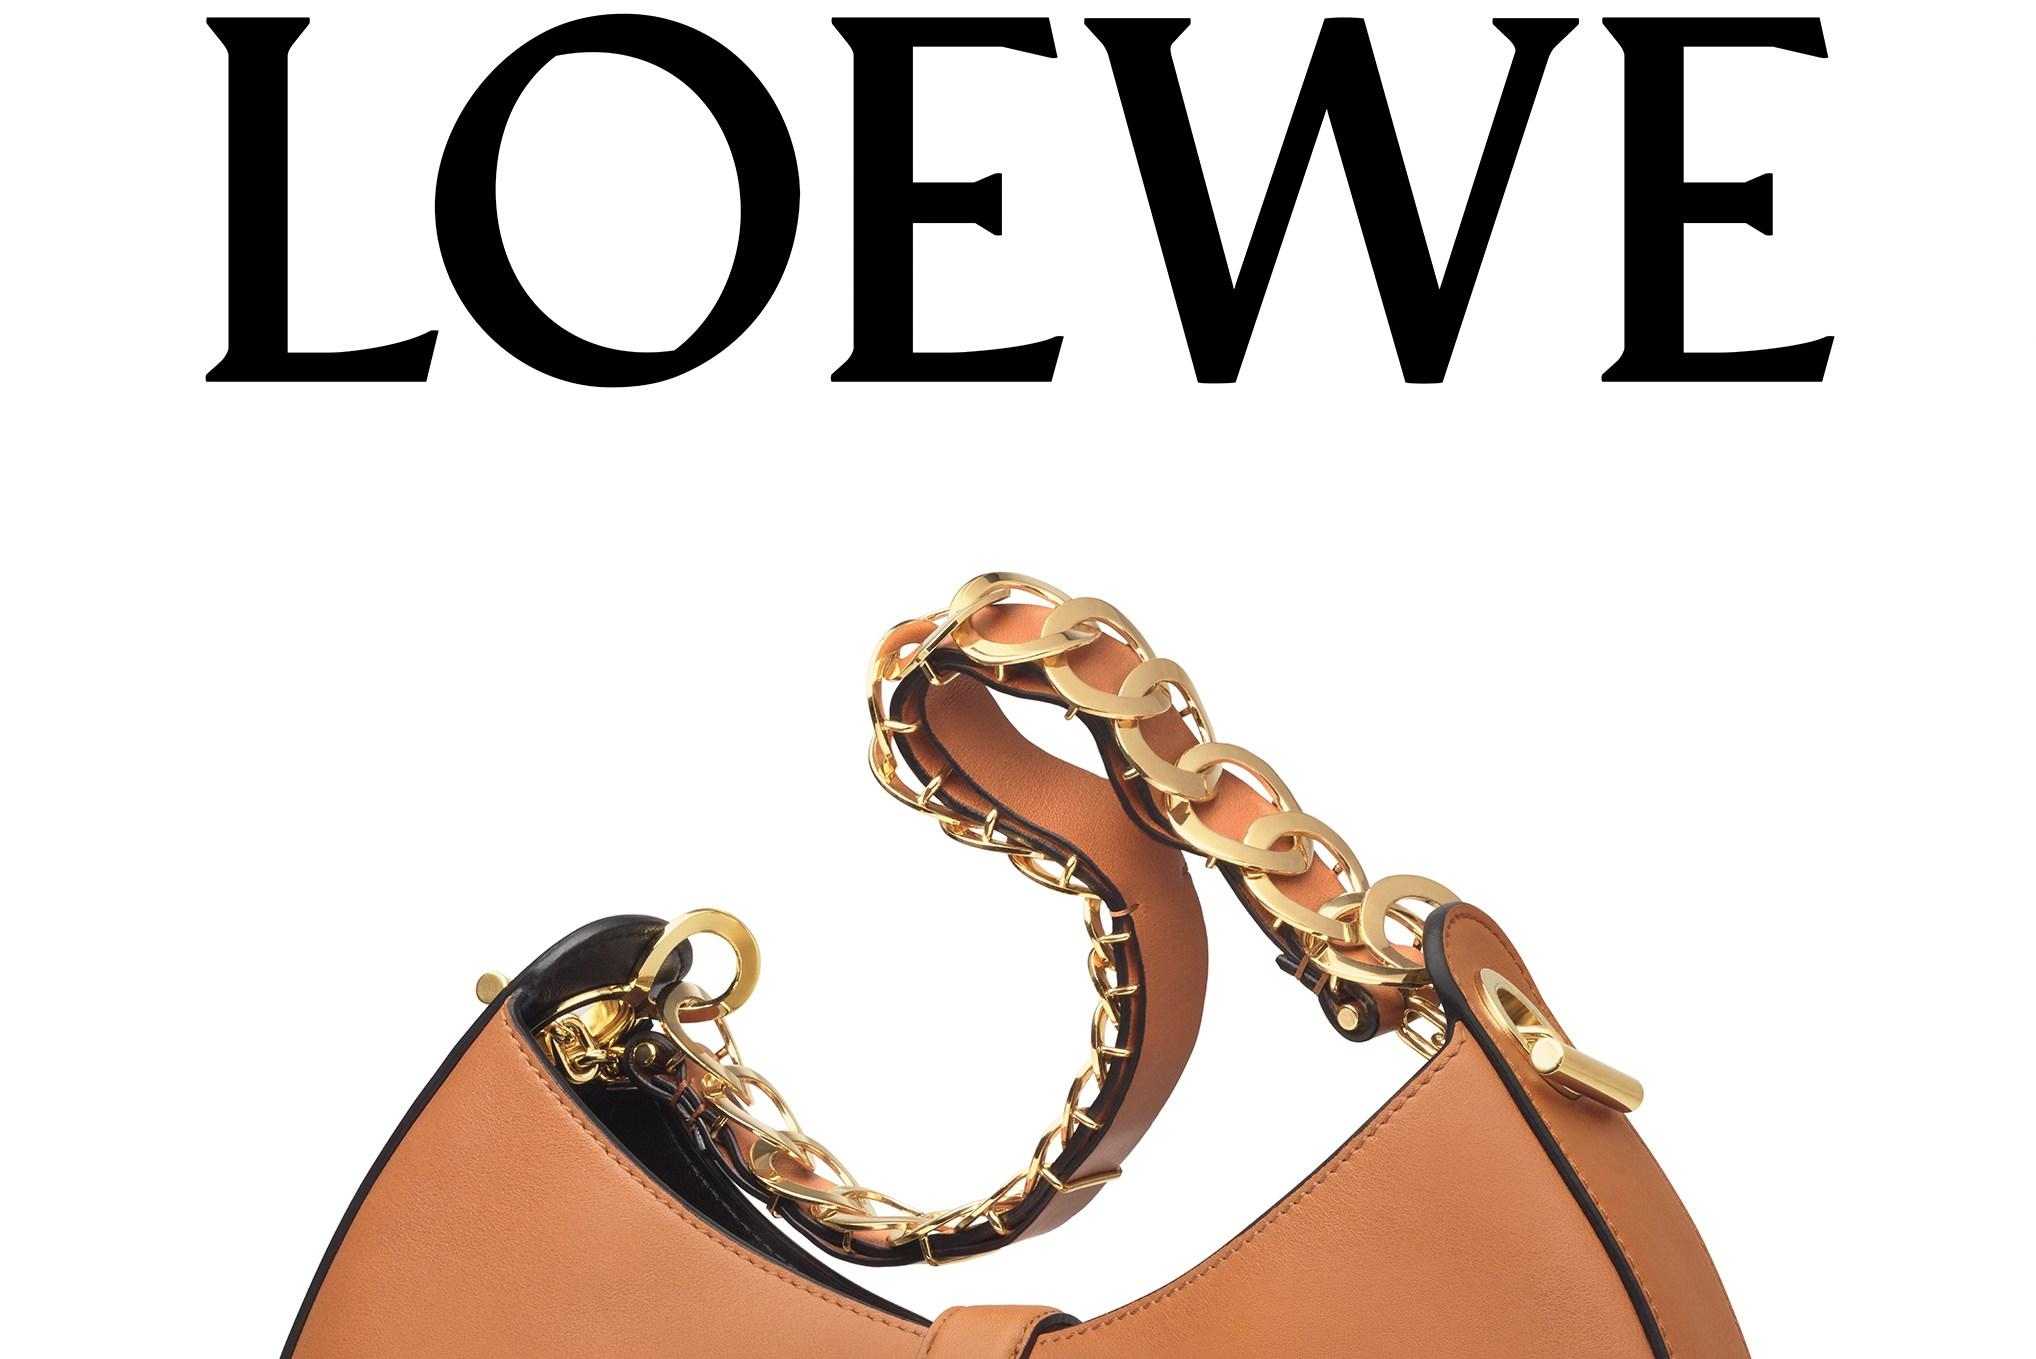 Loewe Spring Looks on Billboards.